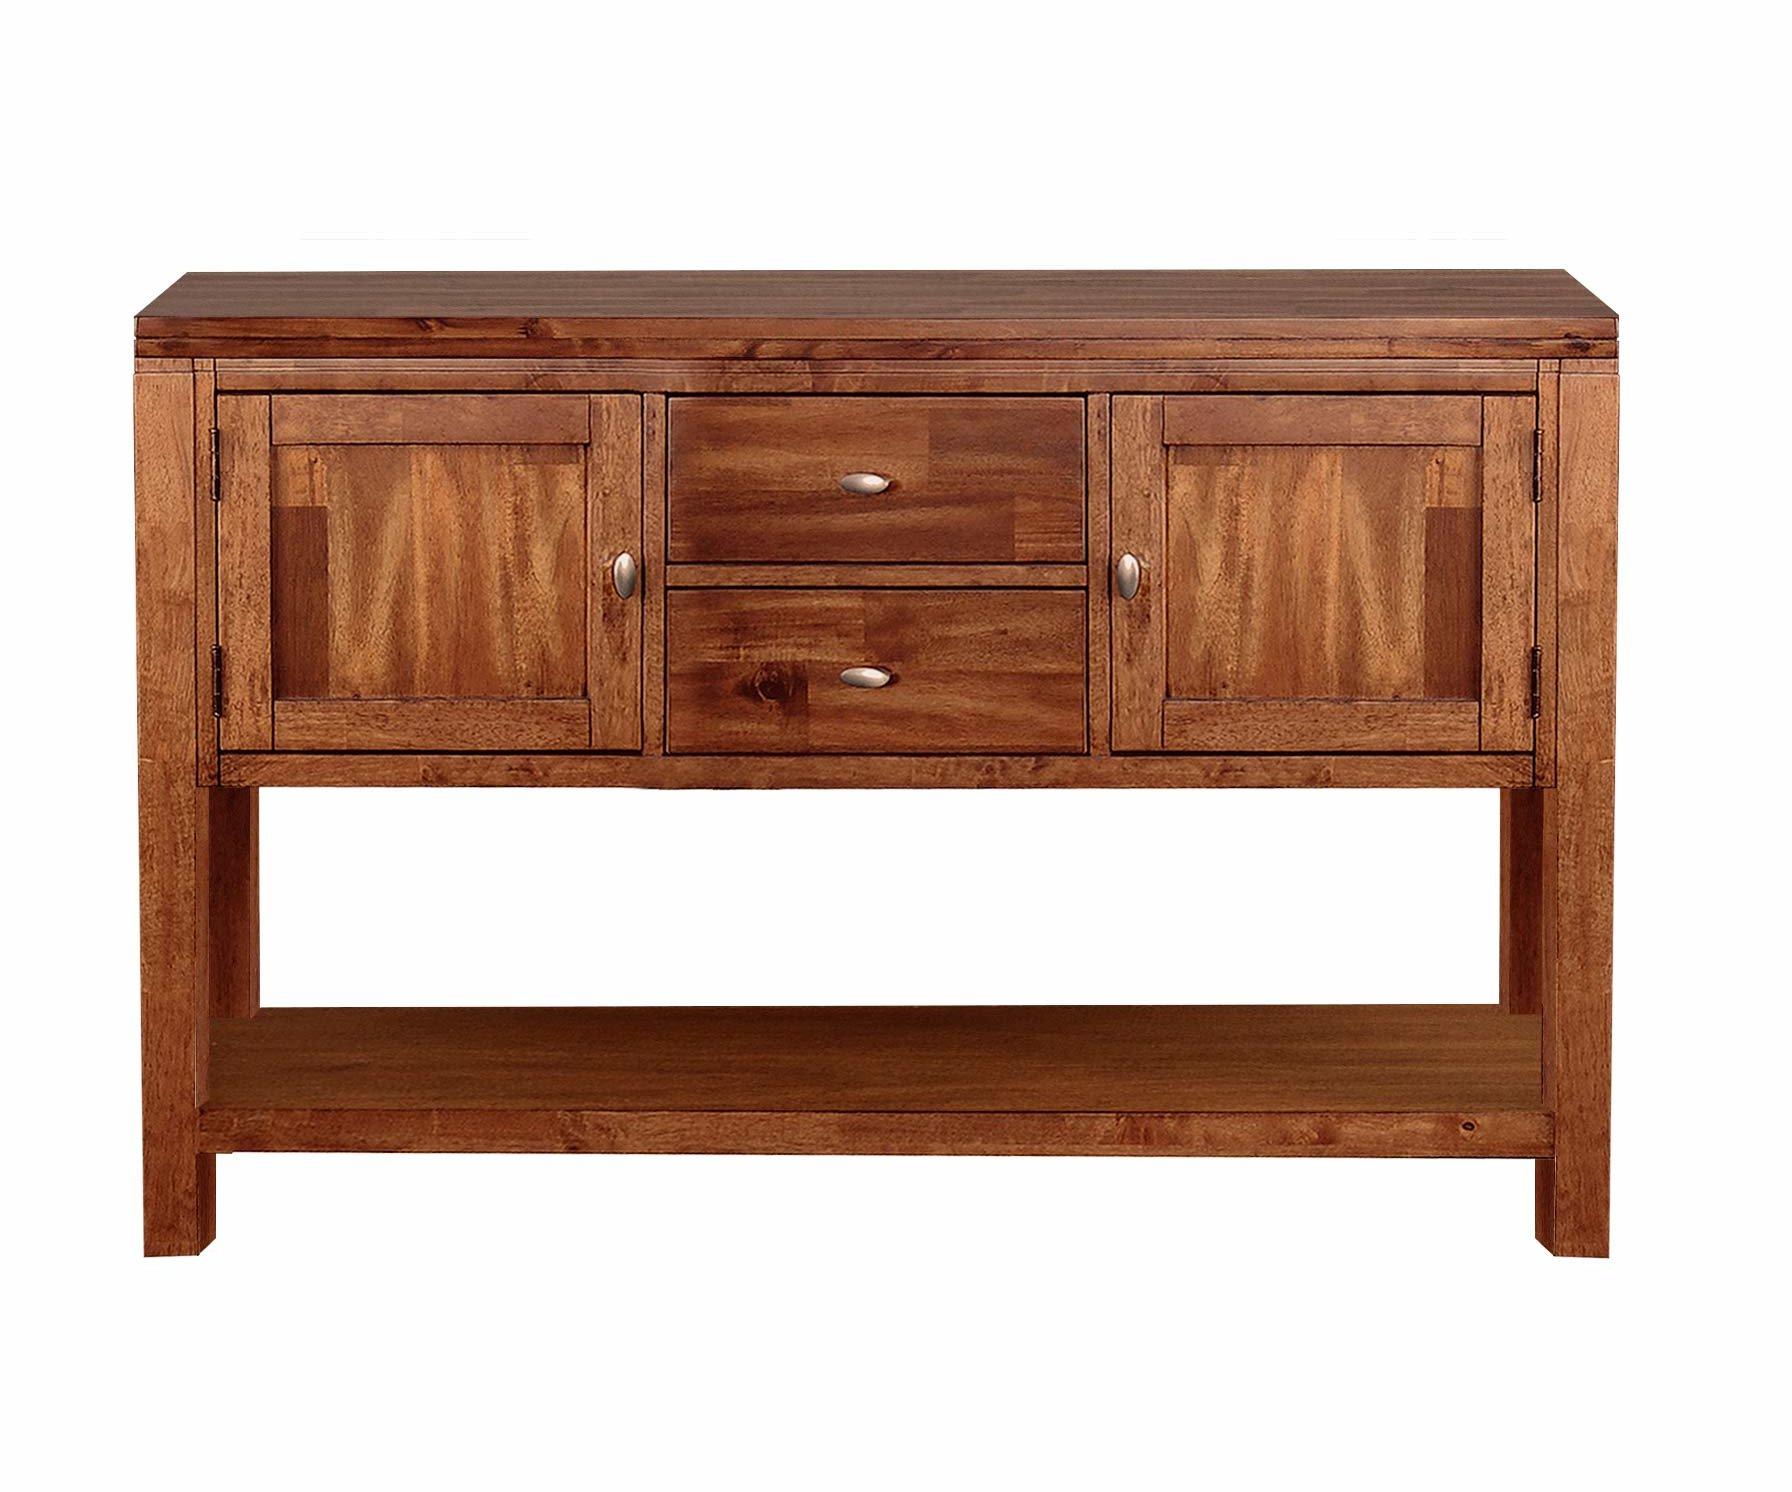 Dark Wood Sideboard | Wayfair With Arminta Wood Sideboards (View 2 of 20)